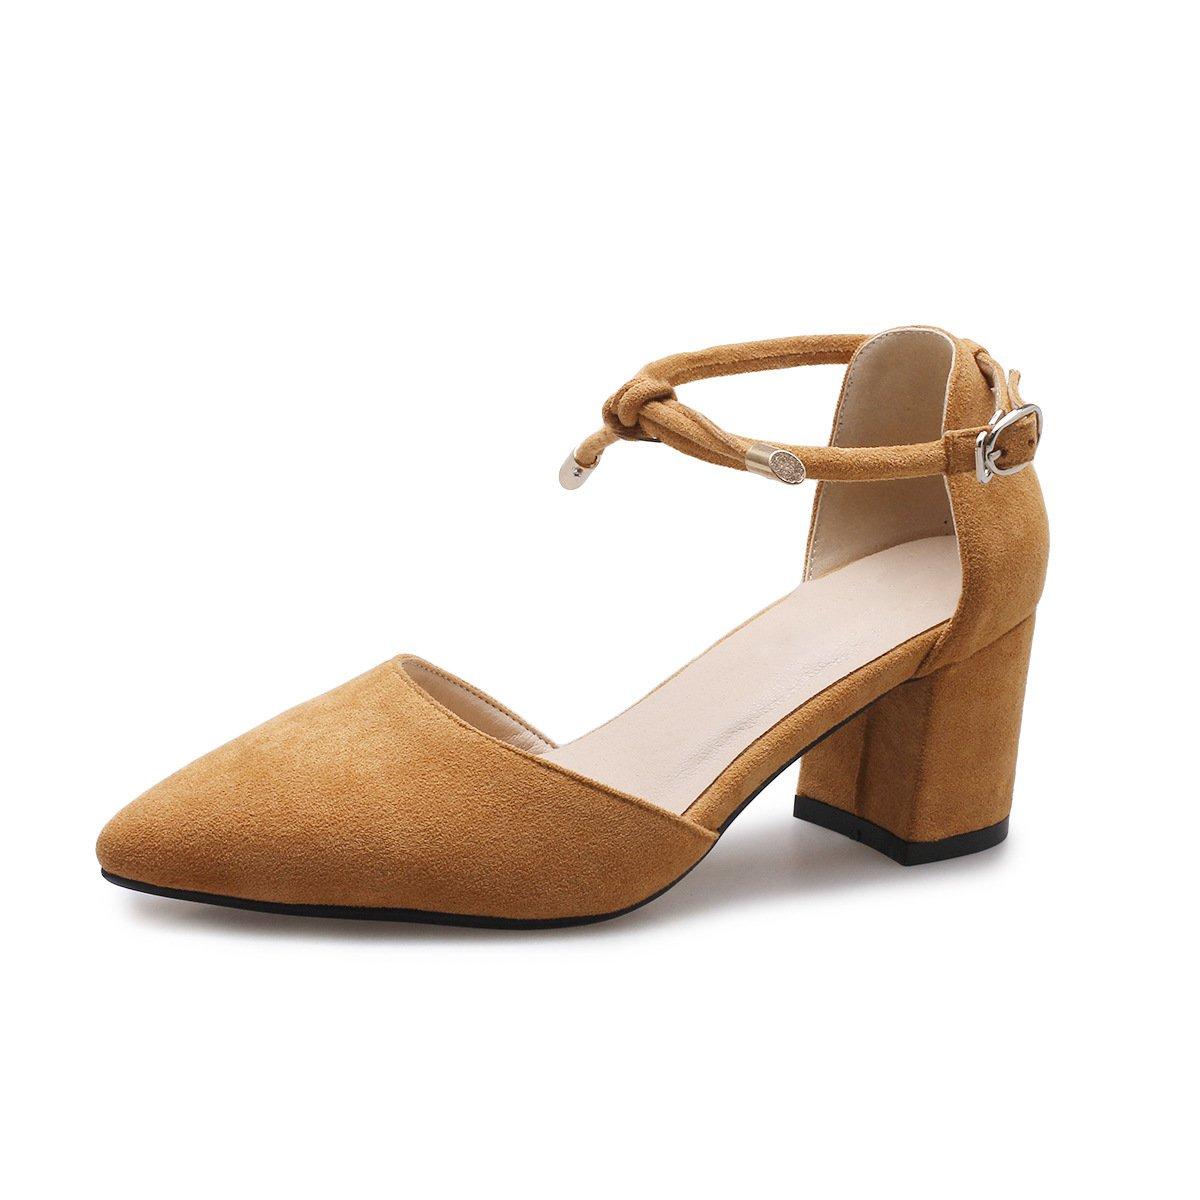 Chaussures Sandales Femmes Bouche Peu Profonde Fait épais avec Pure Couleur Grande Taille Talon,Yellow,43